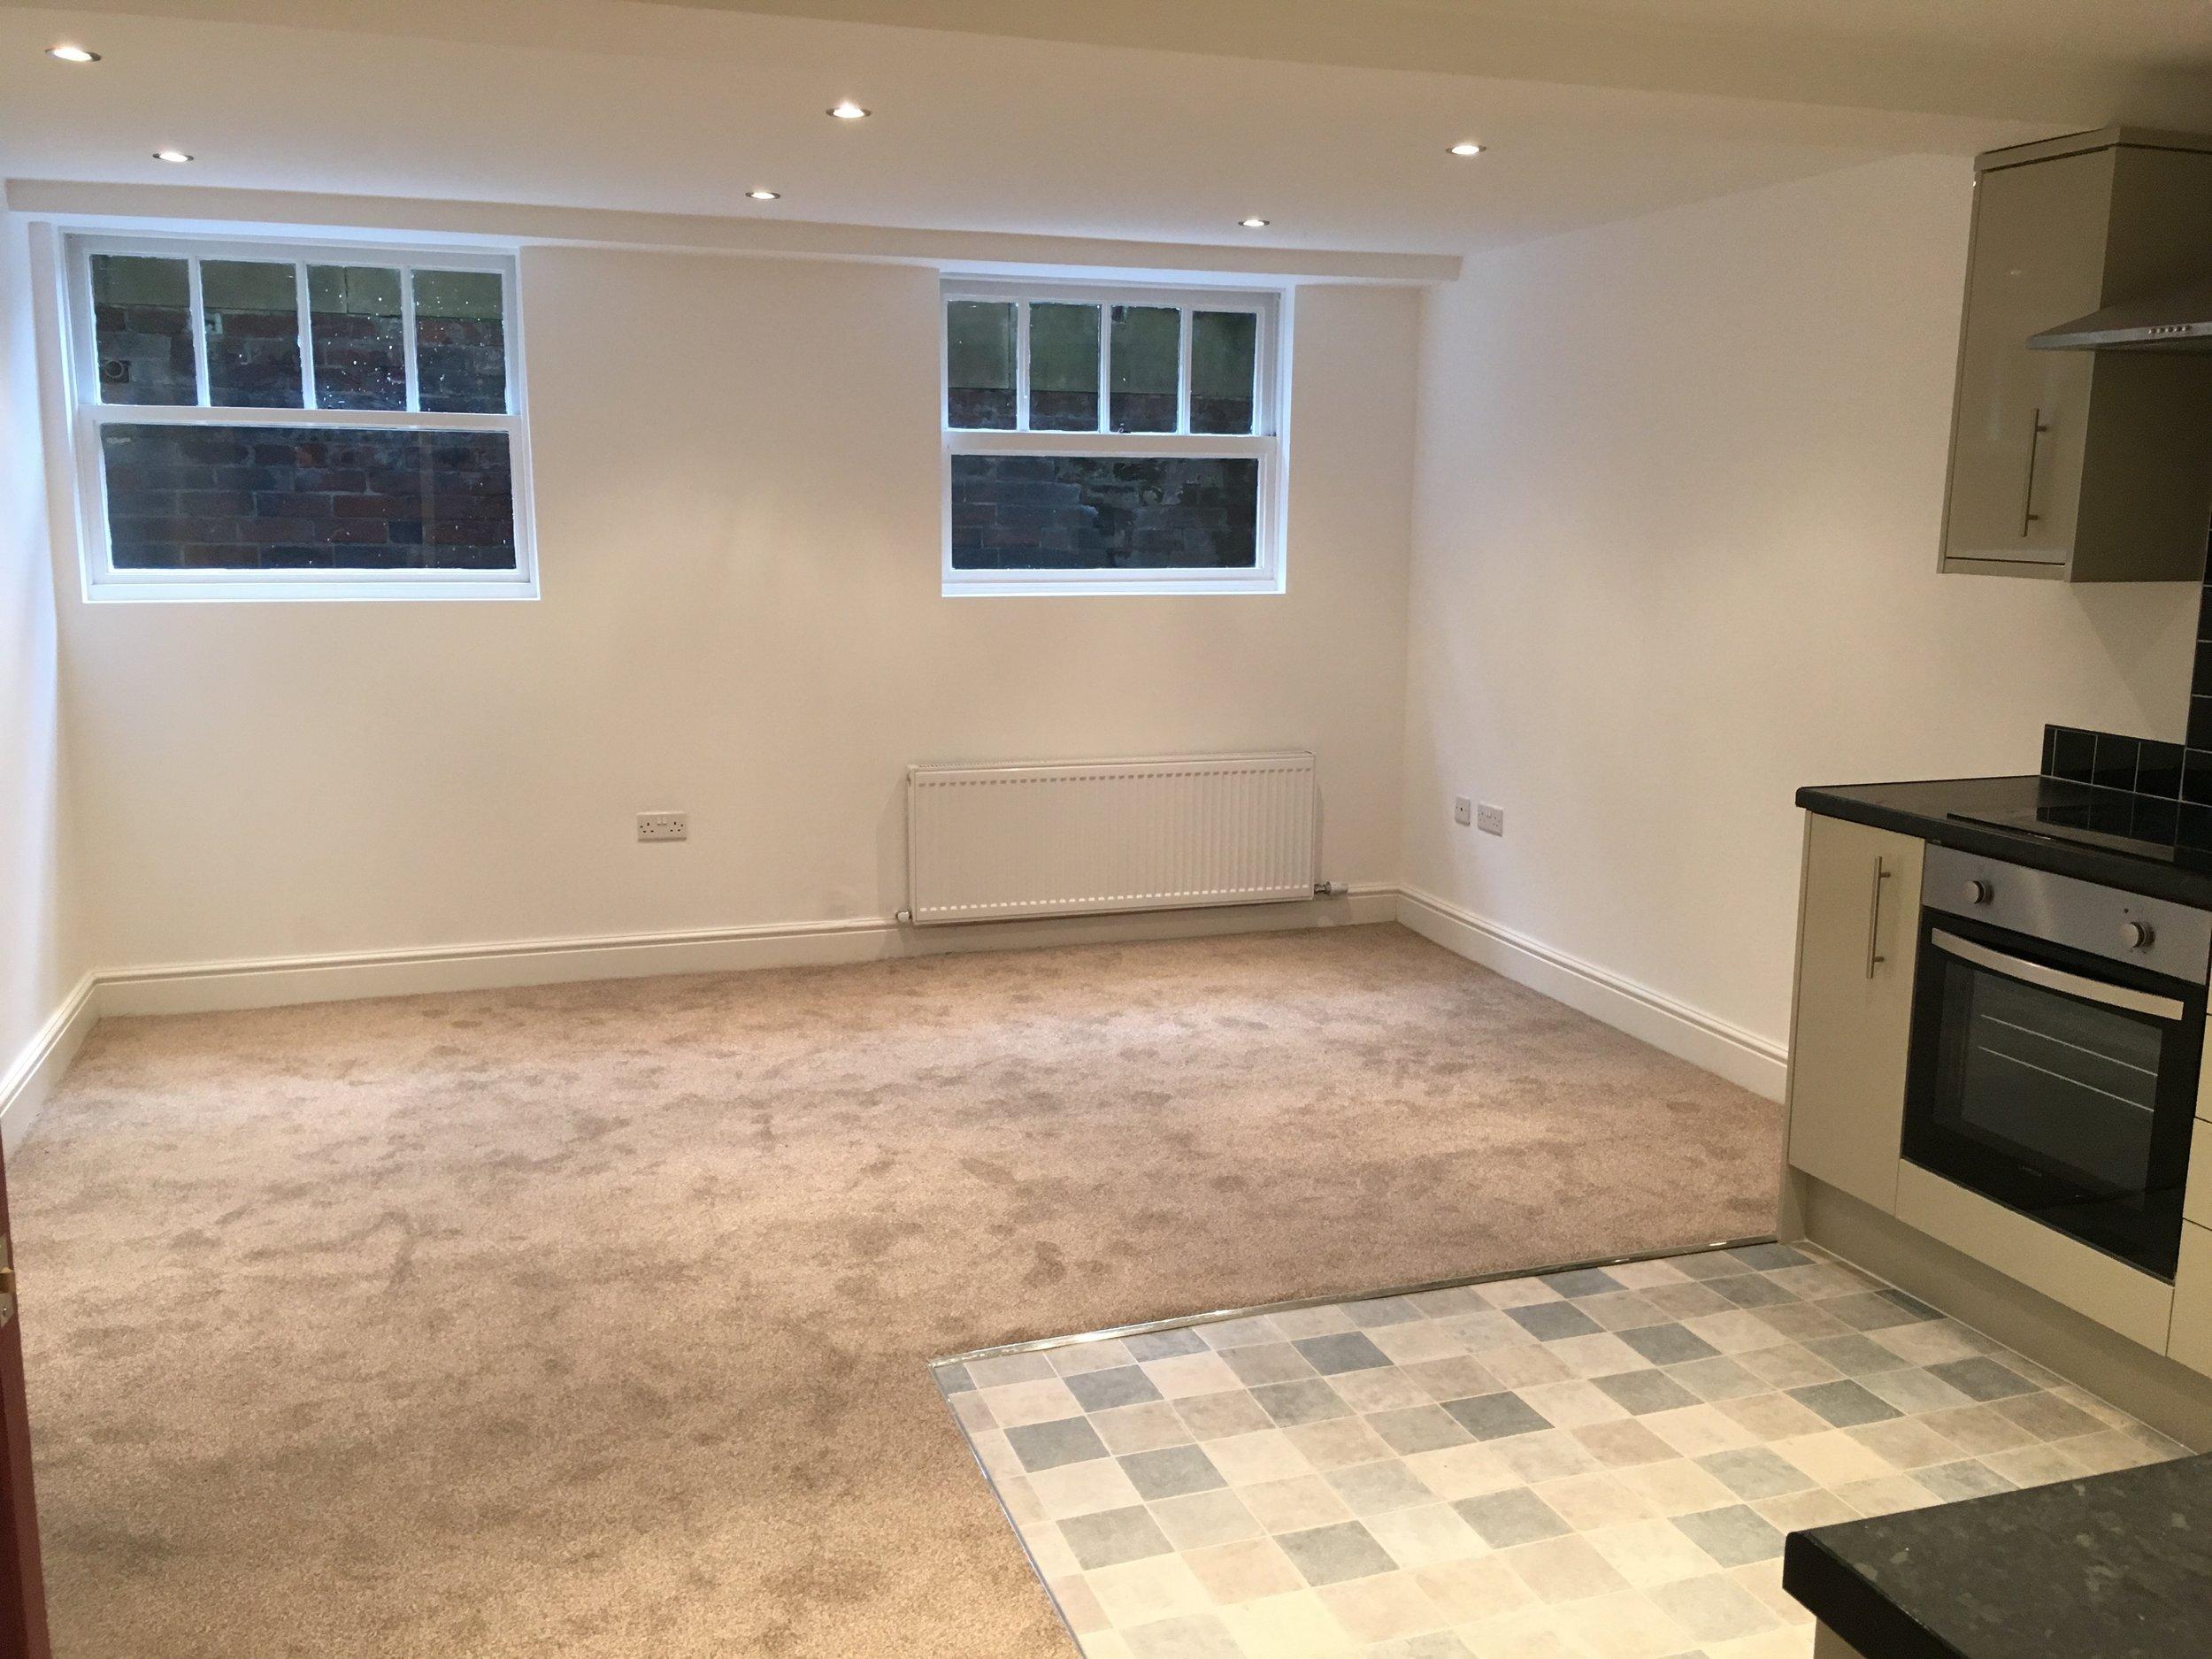 29 Winckley Sq - Apartment - Kitchen-Lounge Layout (2).jpg